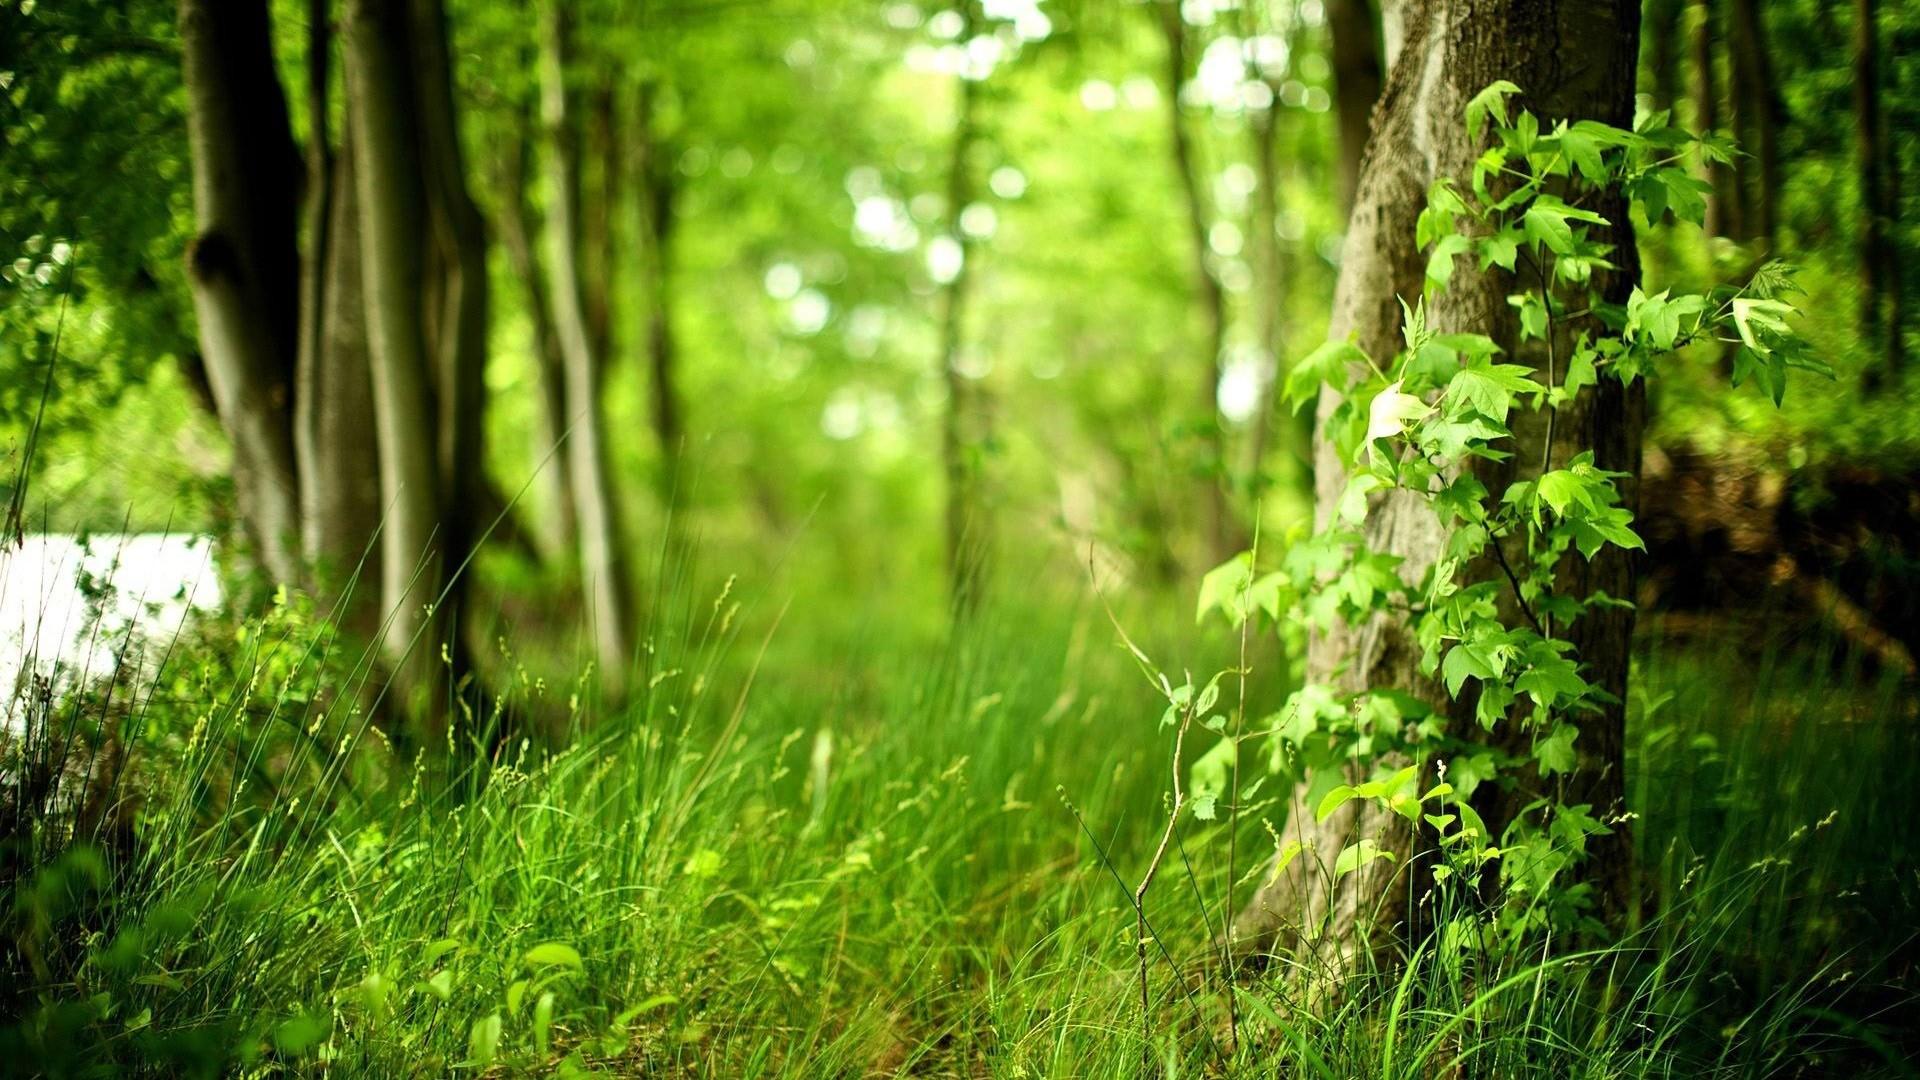 Forest Landscape Wallpaper Wide